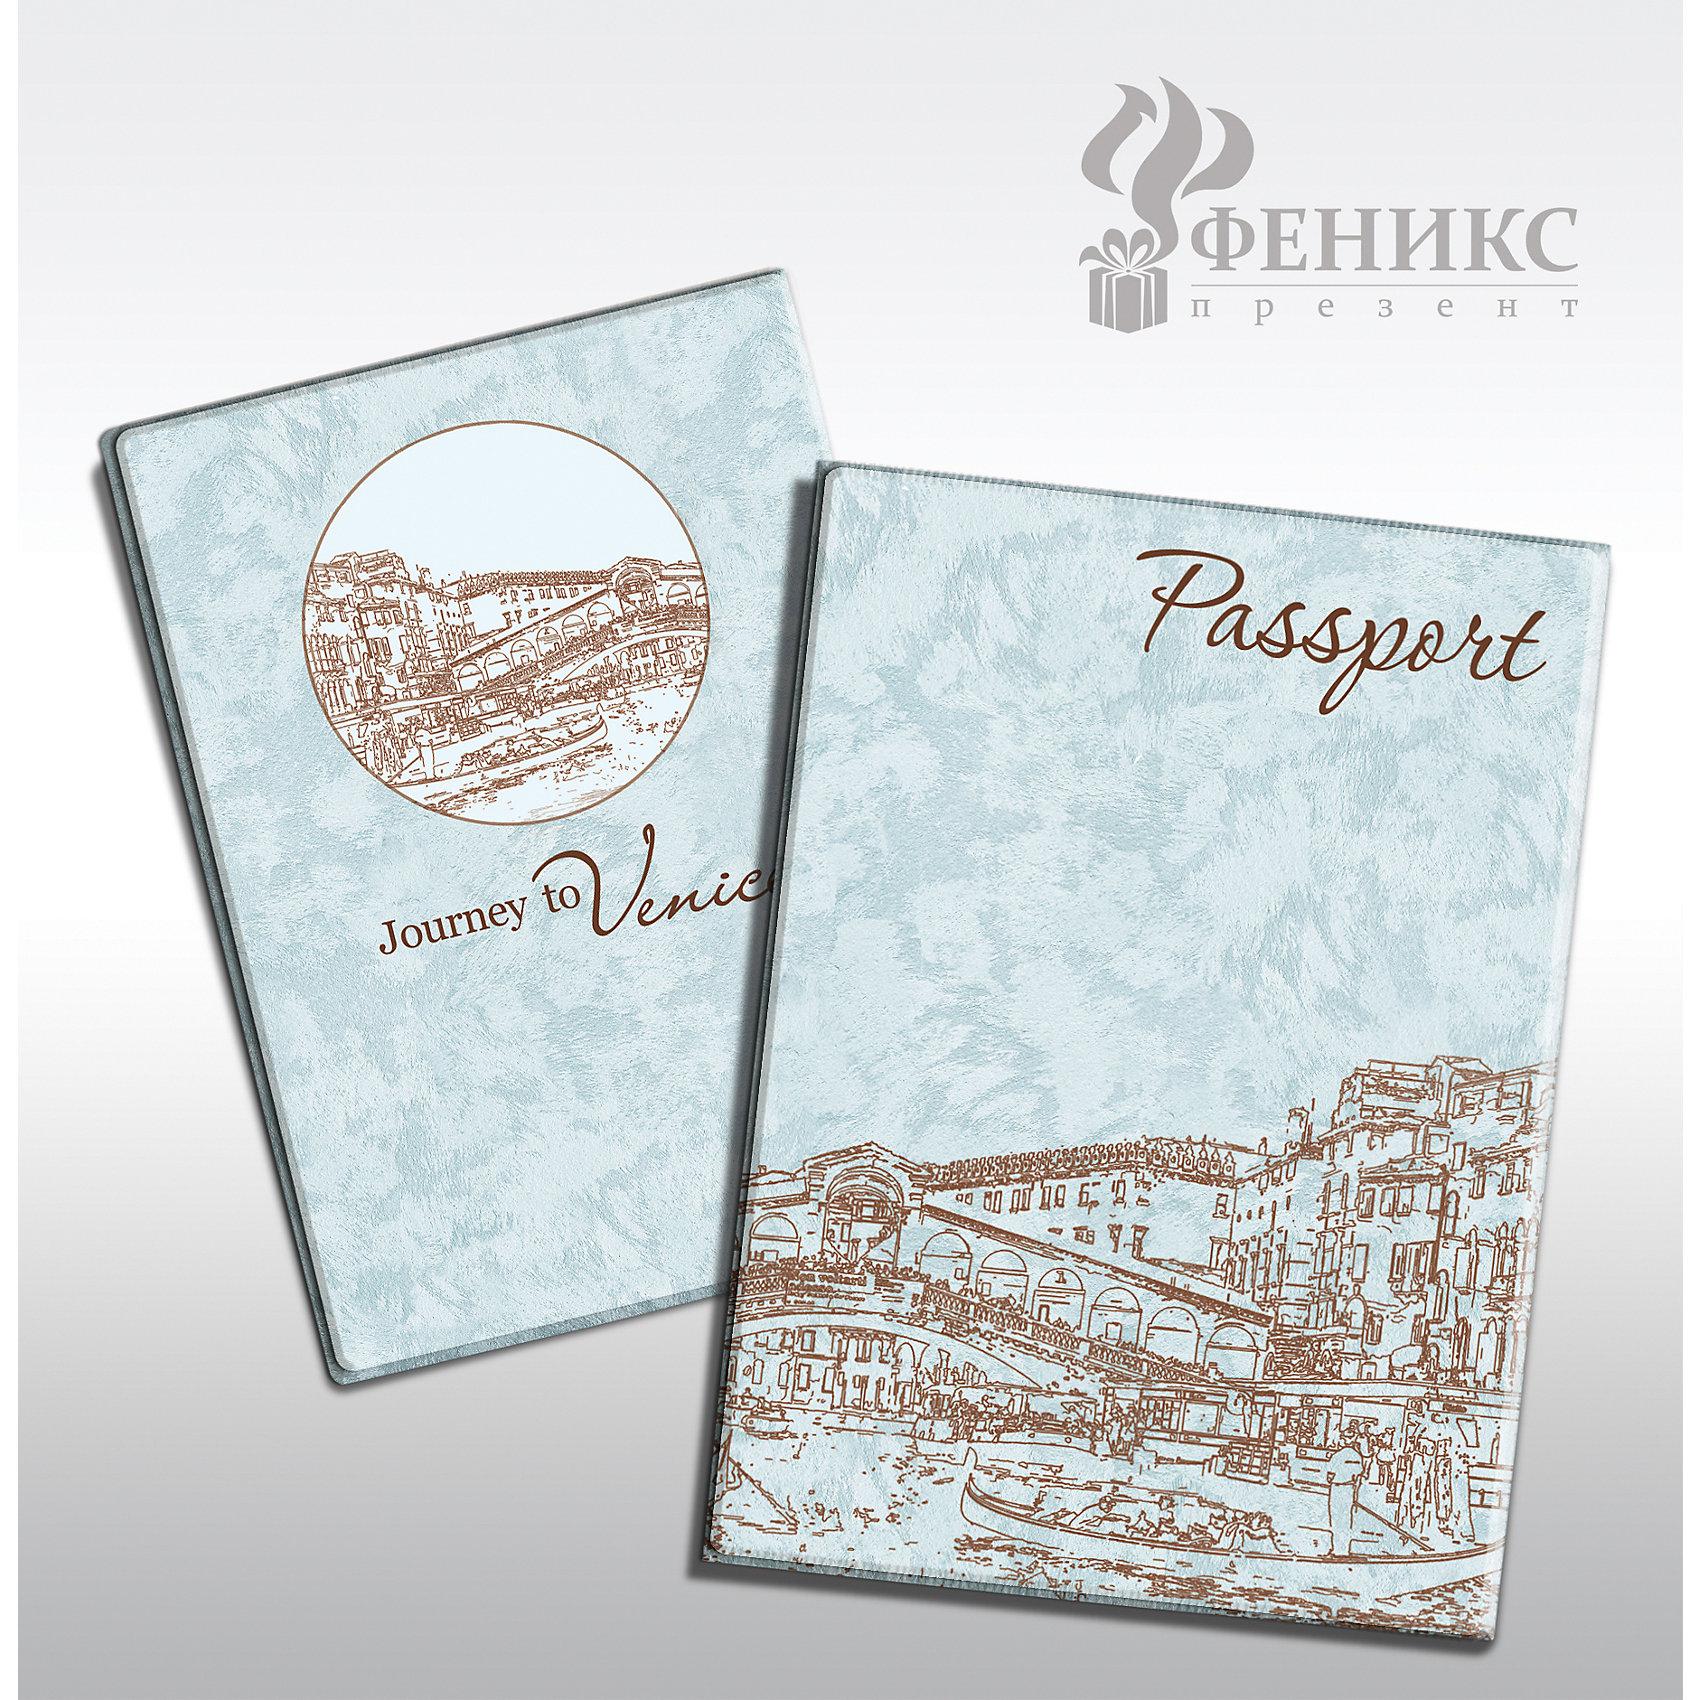 Обложка для паспорта Путешествие в Венецию, Феникс-ПрезентОбложка для паспорта Путешествие в Венецию, Феникс-Презент <br><br>Характеристики:<br><br>• оригинальный дизайн<br>• высокая прочность<br>• размер: 13,3х19,1 см<br>• материал: ПВХ<br><br>Для защиты документов от намокания, истирания и других повреждений необходимо выбрать прочную обложку. Обложка Путешествие в Венецию изготовлена из качественного поливинилхлорида, устойчивого к износу. На обложке изображен пейзаж Венеции. Качественная обложка с оригинальным дизайном подчеркнет индивидуальность и поднимет настроение.<br><br>Обложку для паспорта Путешествие в Венецию, Феникс-Презент вы можете купить в нашем интернет-магазине.<br><br>Ширина мм: 133<br>Глубина мм: 191<br>Высота мм: 50<br>Вес г: 35<br>Возраст от месяцев: 168<br>Возраст до месяцев: 2147483647<br>Пол: Унисекс<br>Возраст: Детский<br>SKU: 5449598